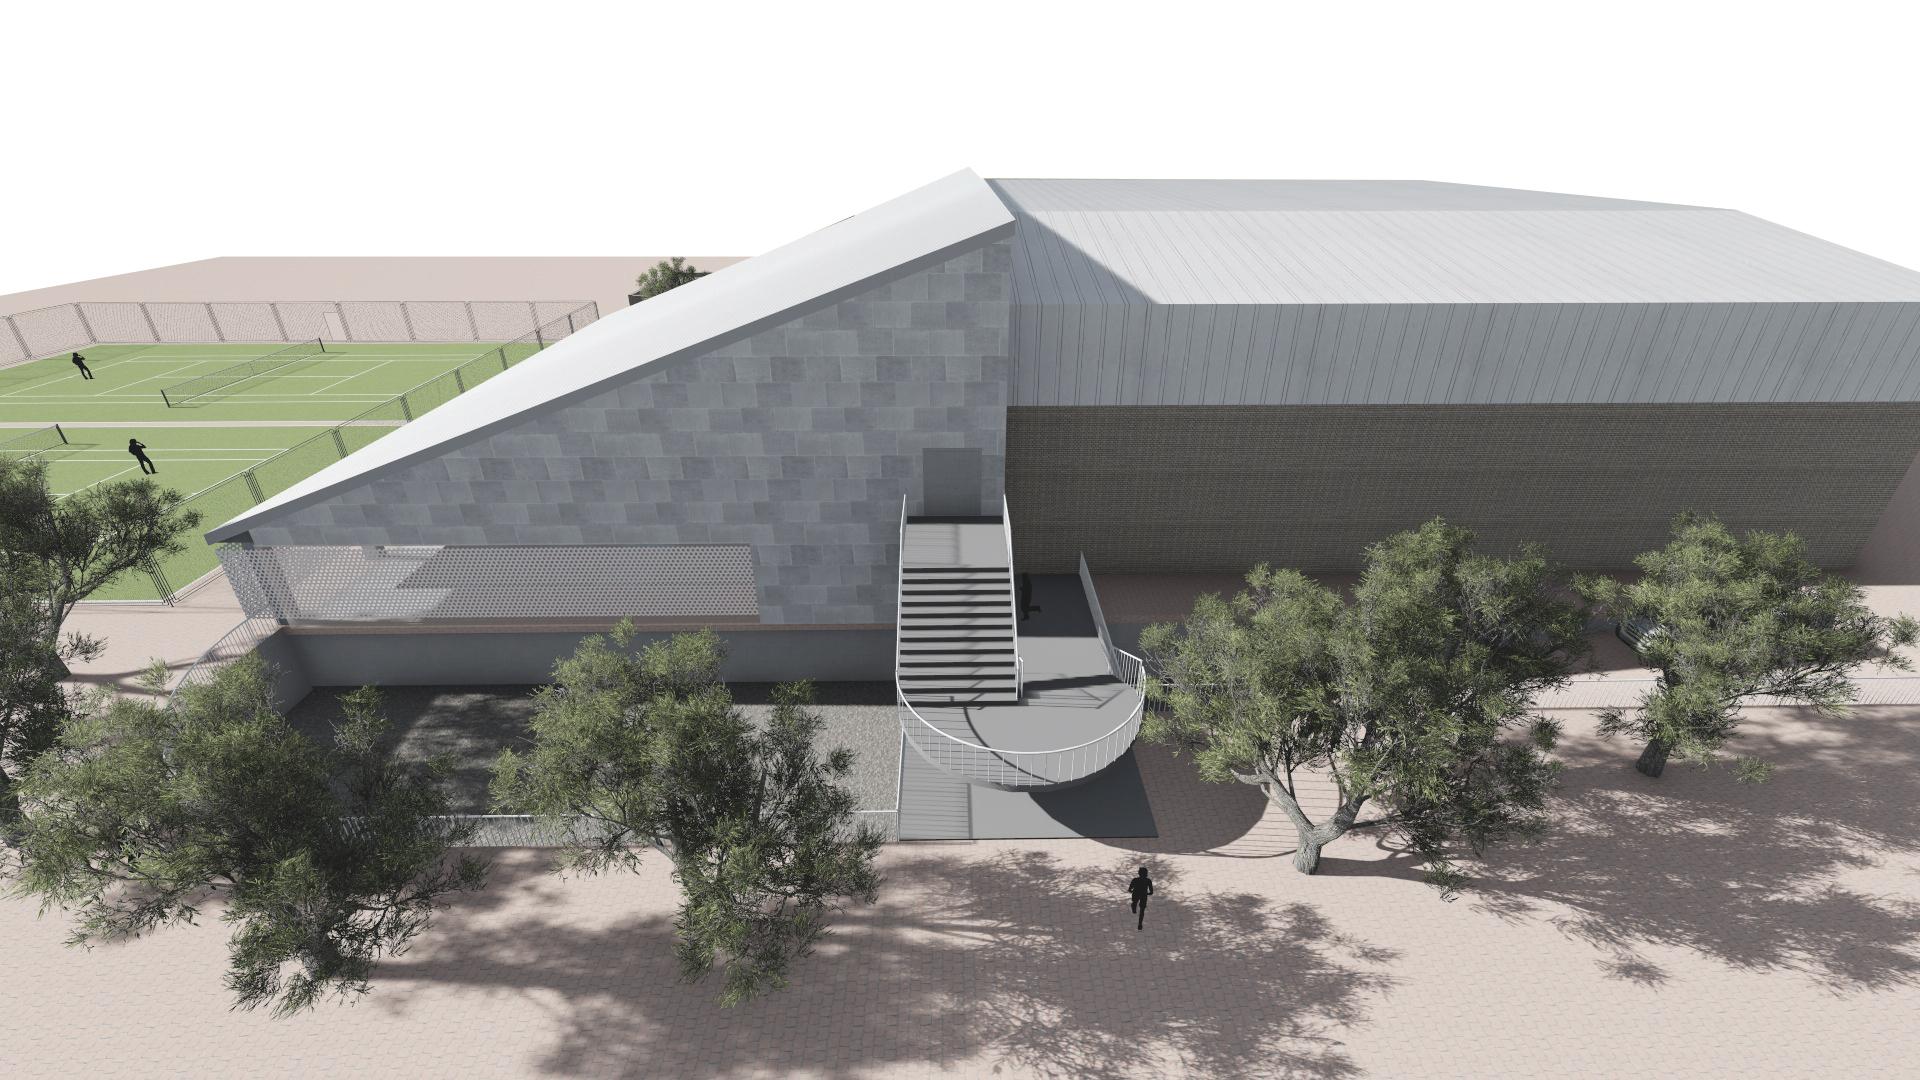 Recreación de cómo sería la nueva piscina climatizada de Alcañiz, según el proyecto de Sicilia y asociados arquitectura